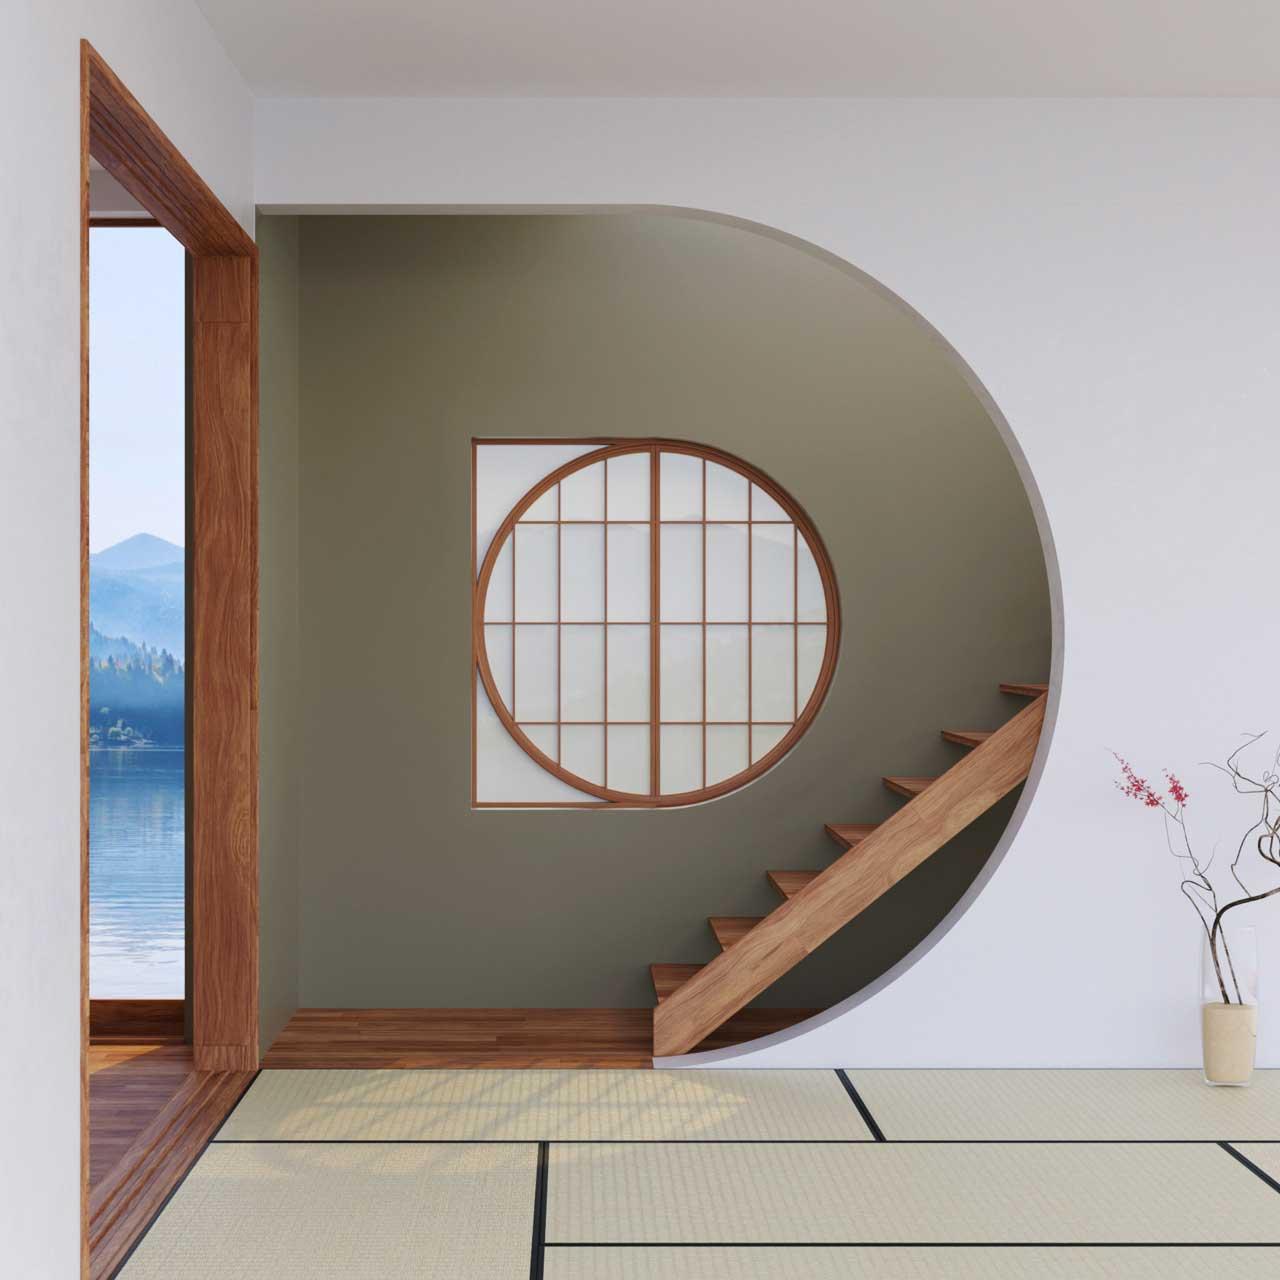 Architektur-Alphabet von Ilker Kayserilioglu